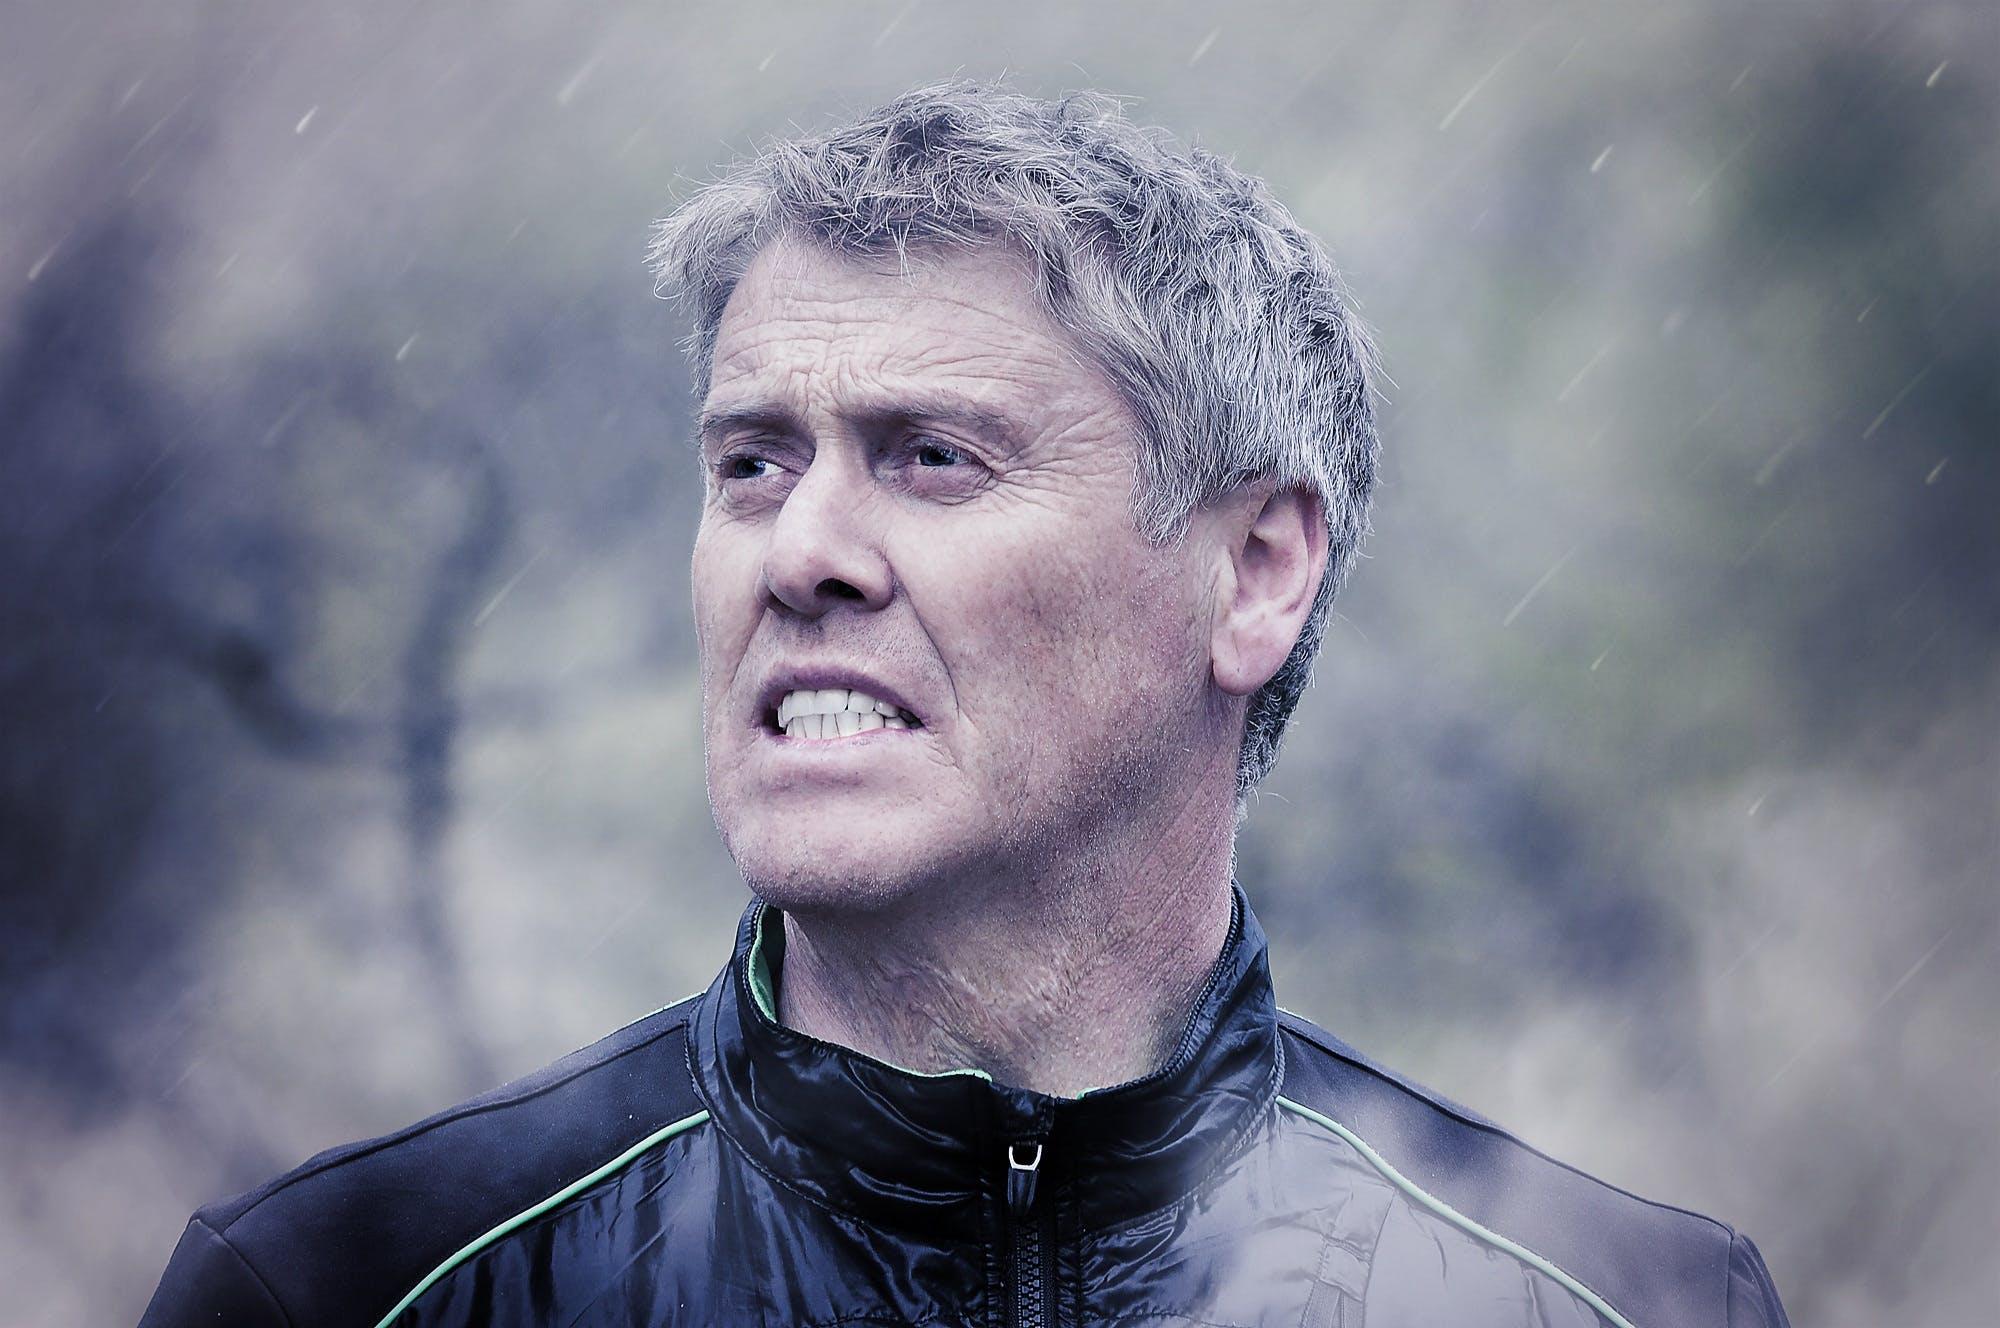 Gratis lagerfoto af mand, person, regn, voksen